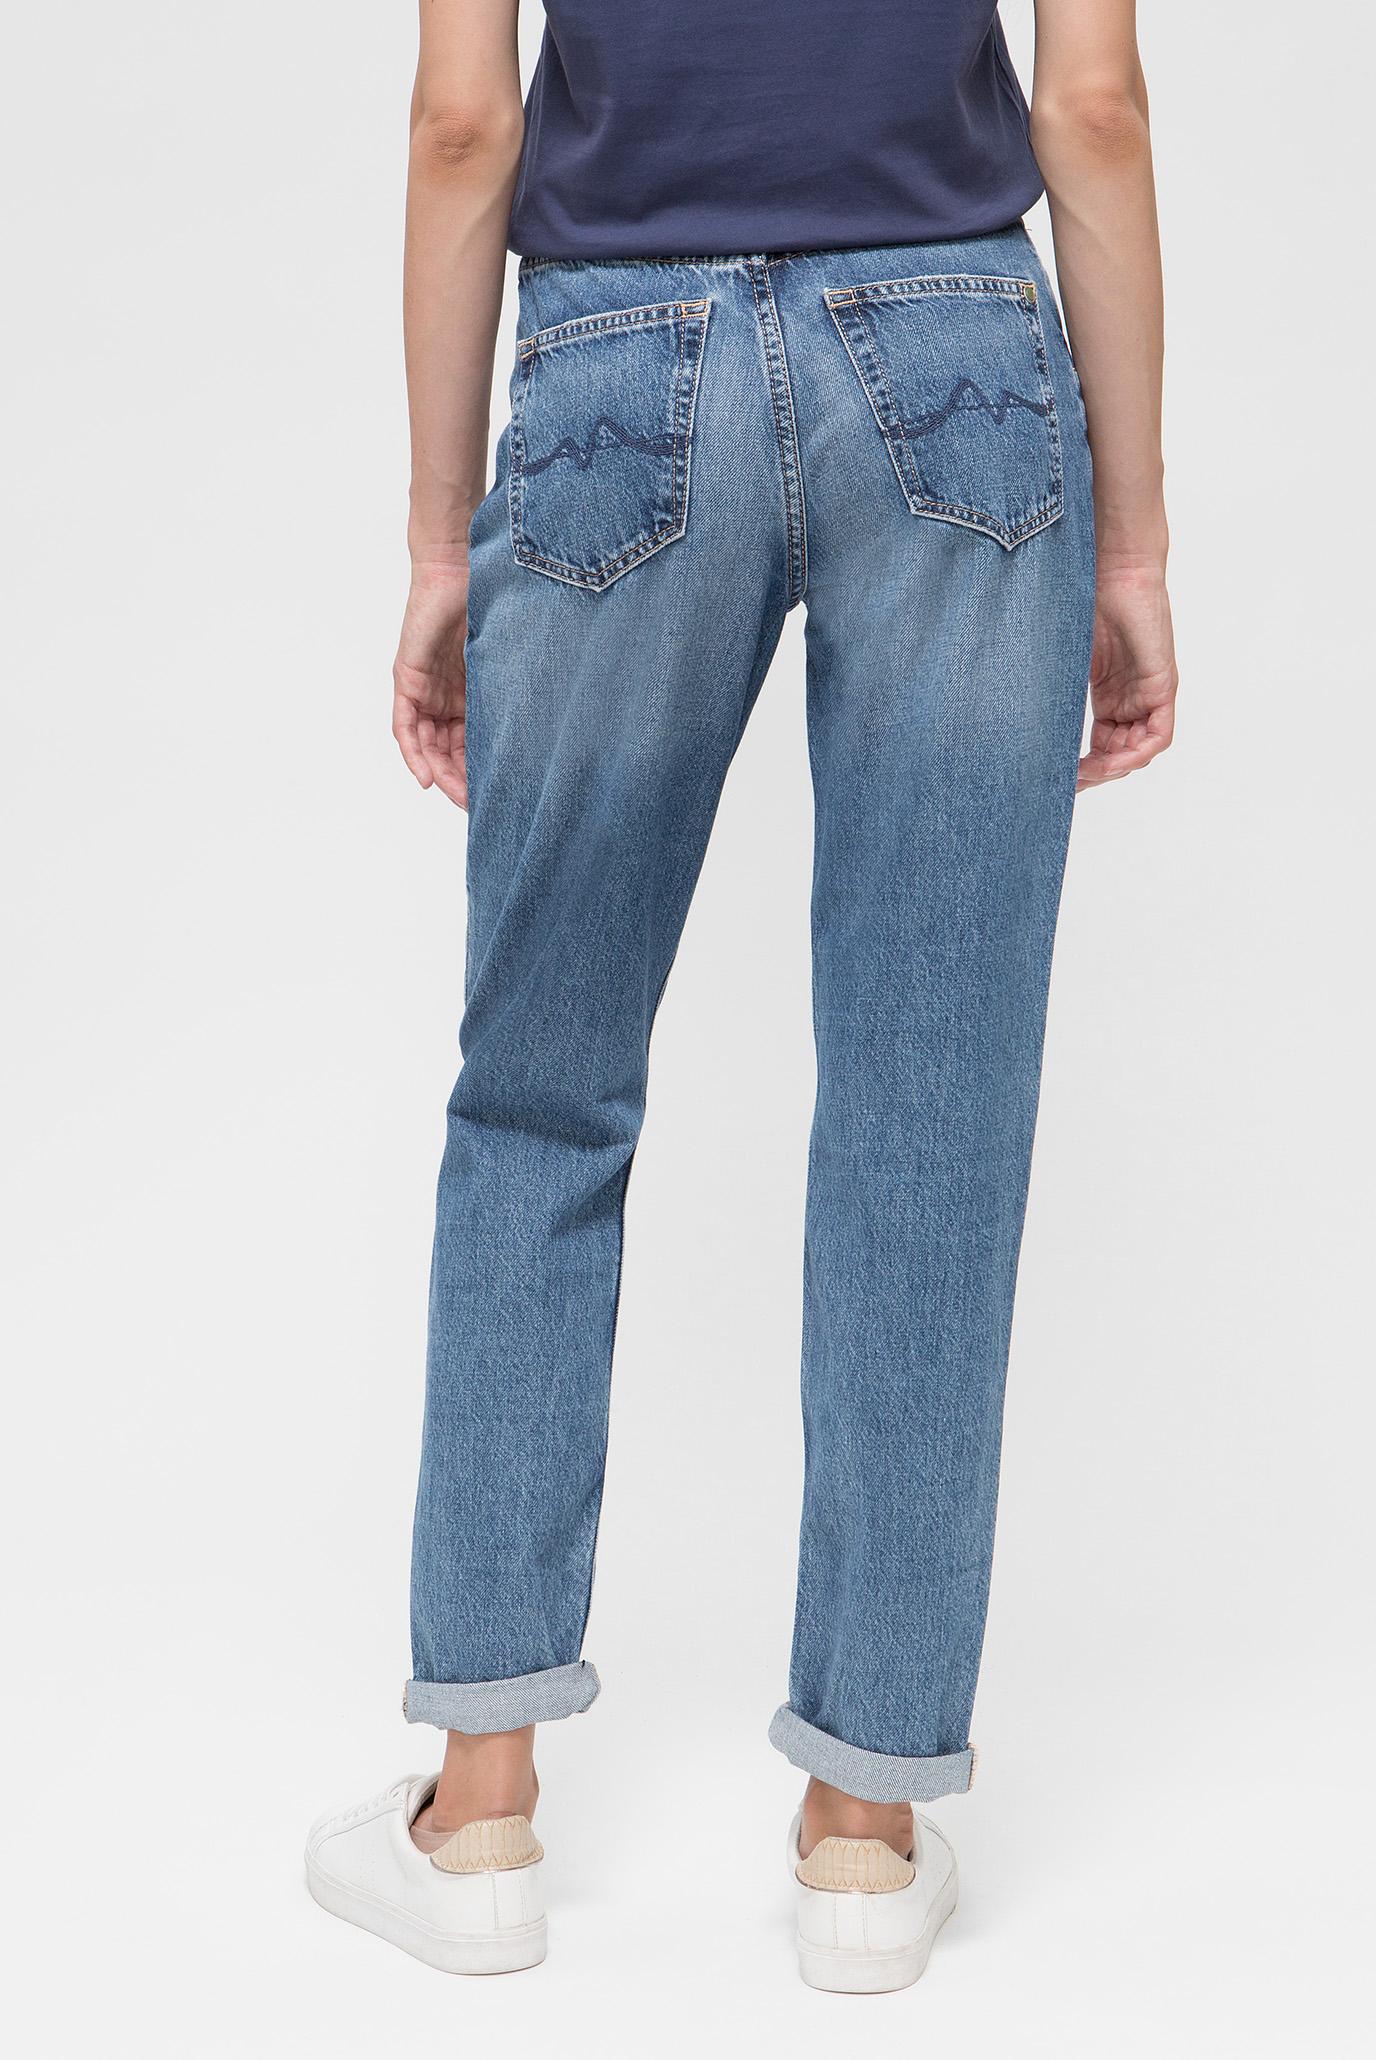 Купить Женские синие джинсы MOMSY Pepe Jeans Pepe Jeans PL201743WX50 – Киев, Украина. Цены в интернет магазине MD Fashion